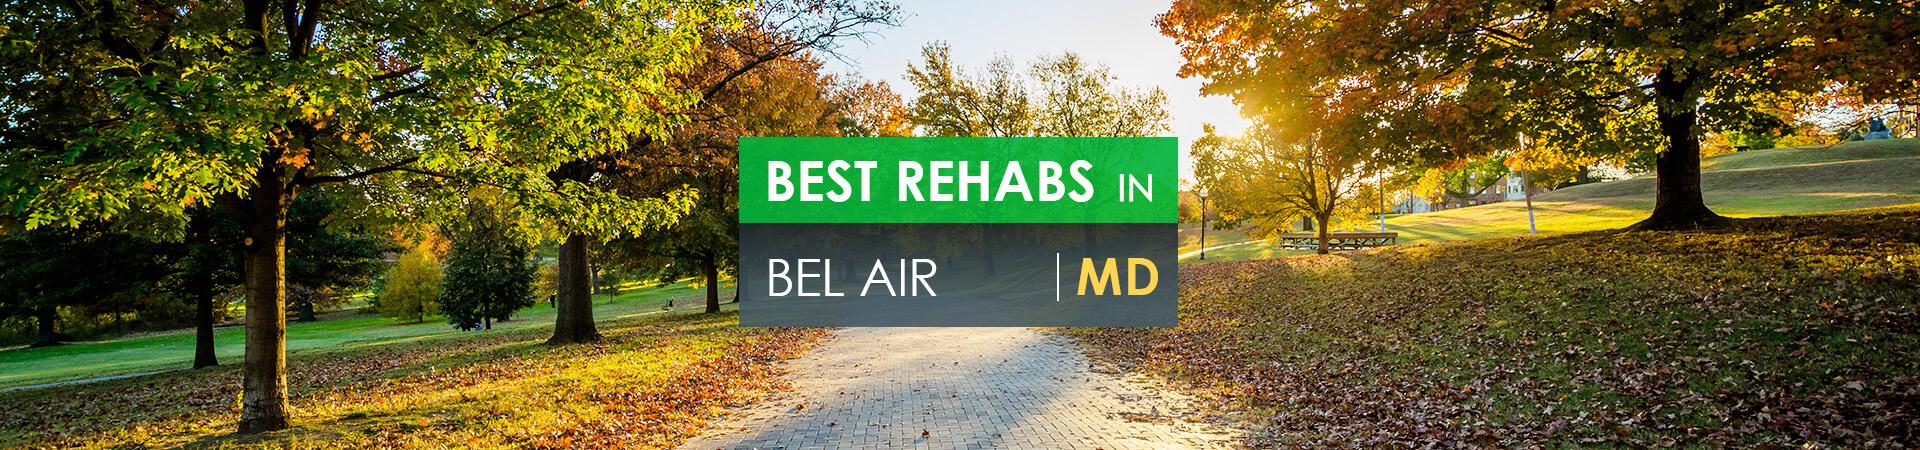 Best rehabs in Bel Air, MD